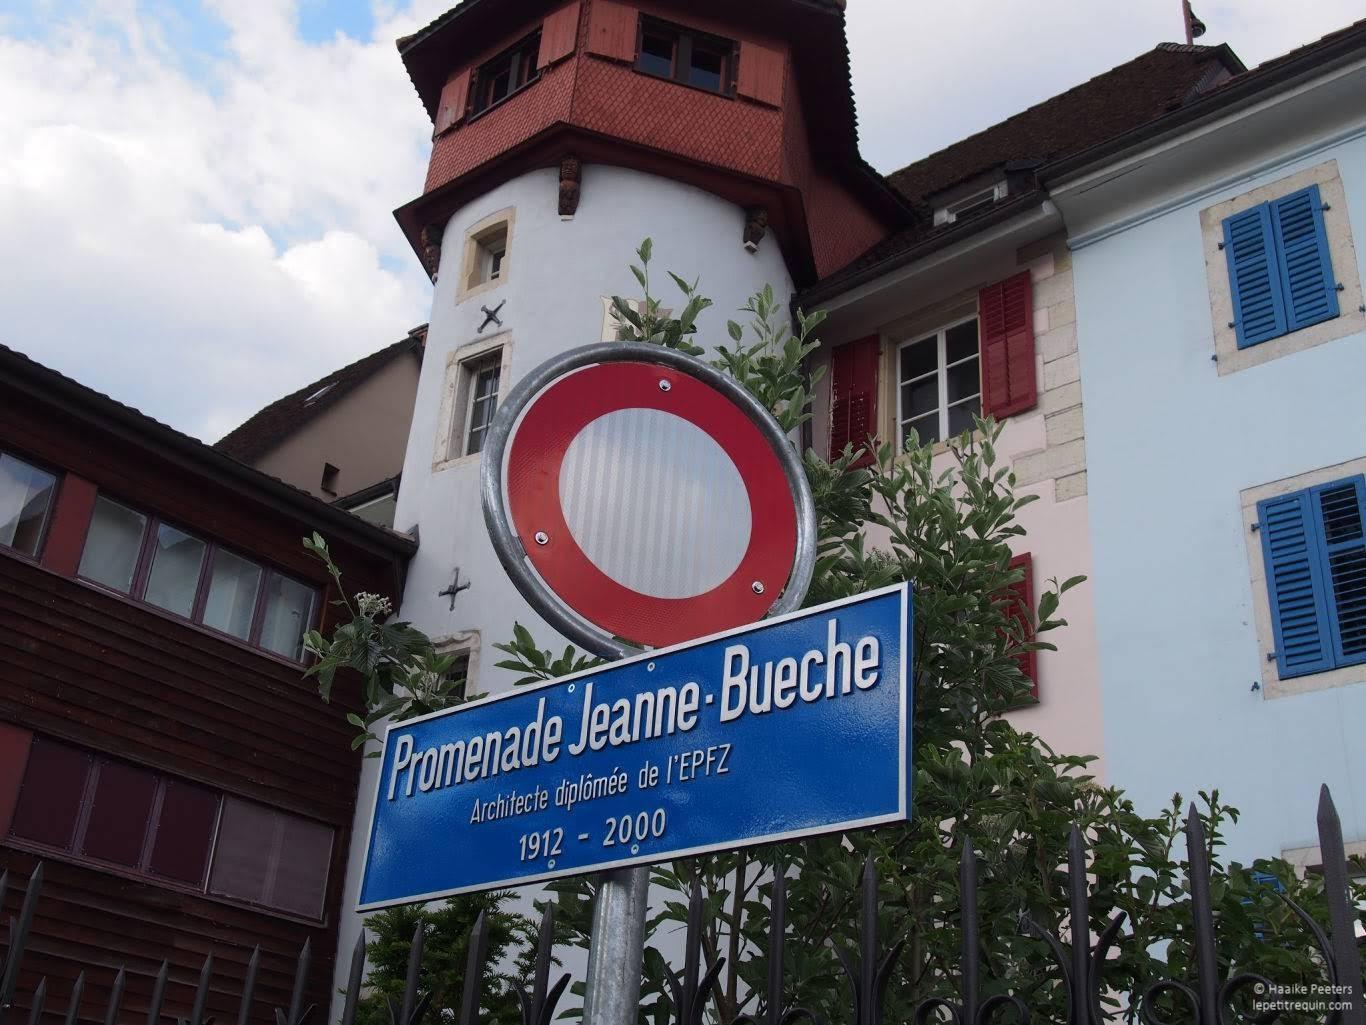 Promenade Jeanne Bueche Delémont (Le petit requin)